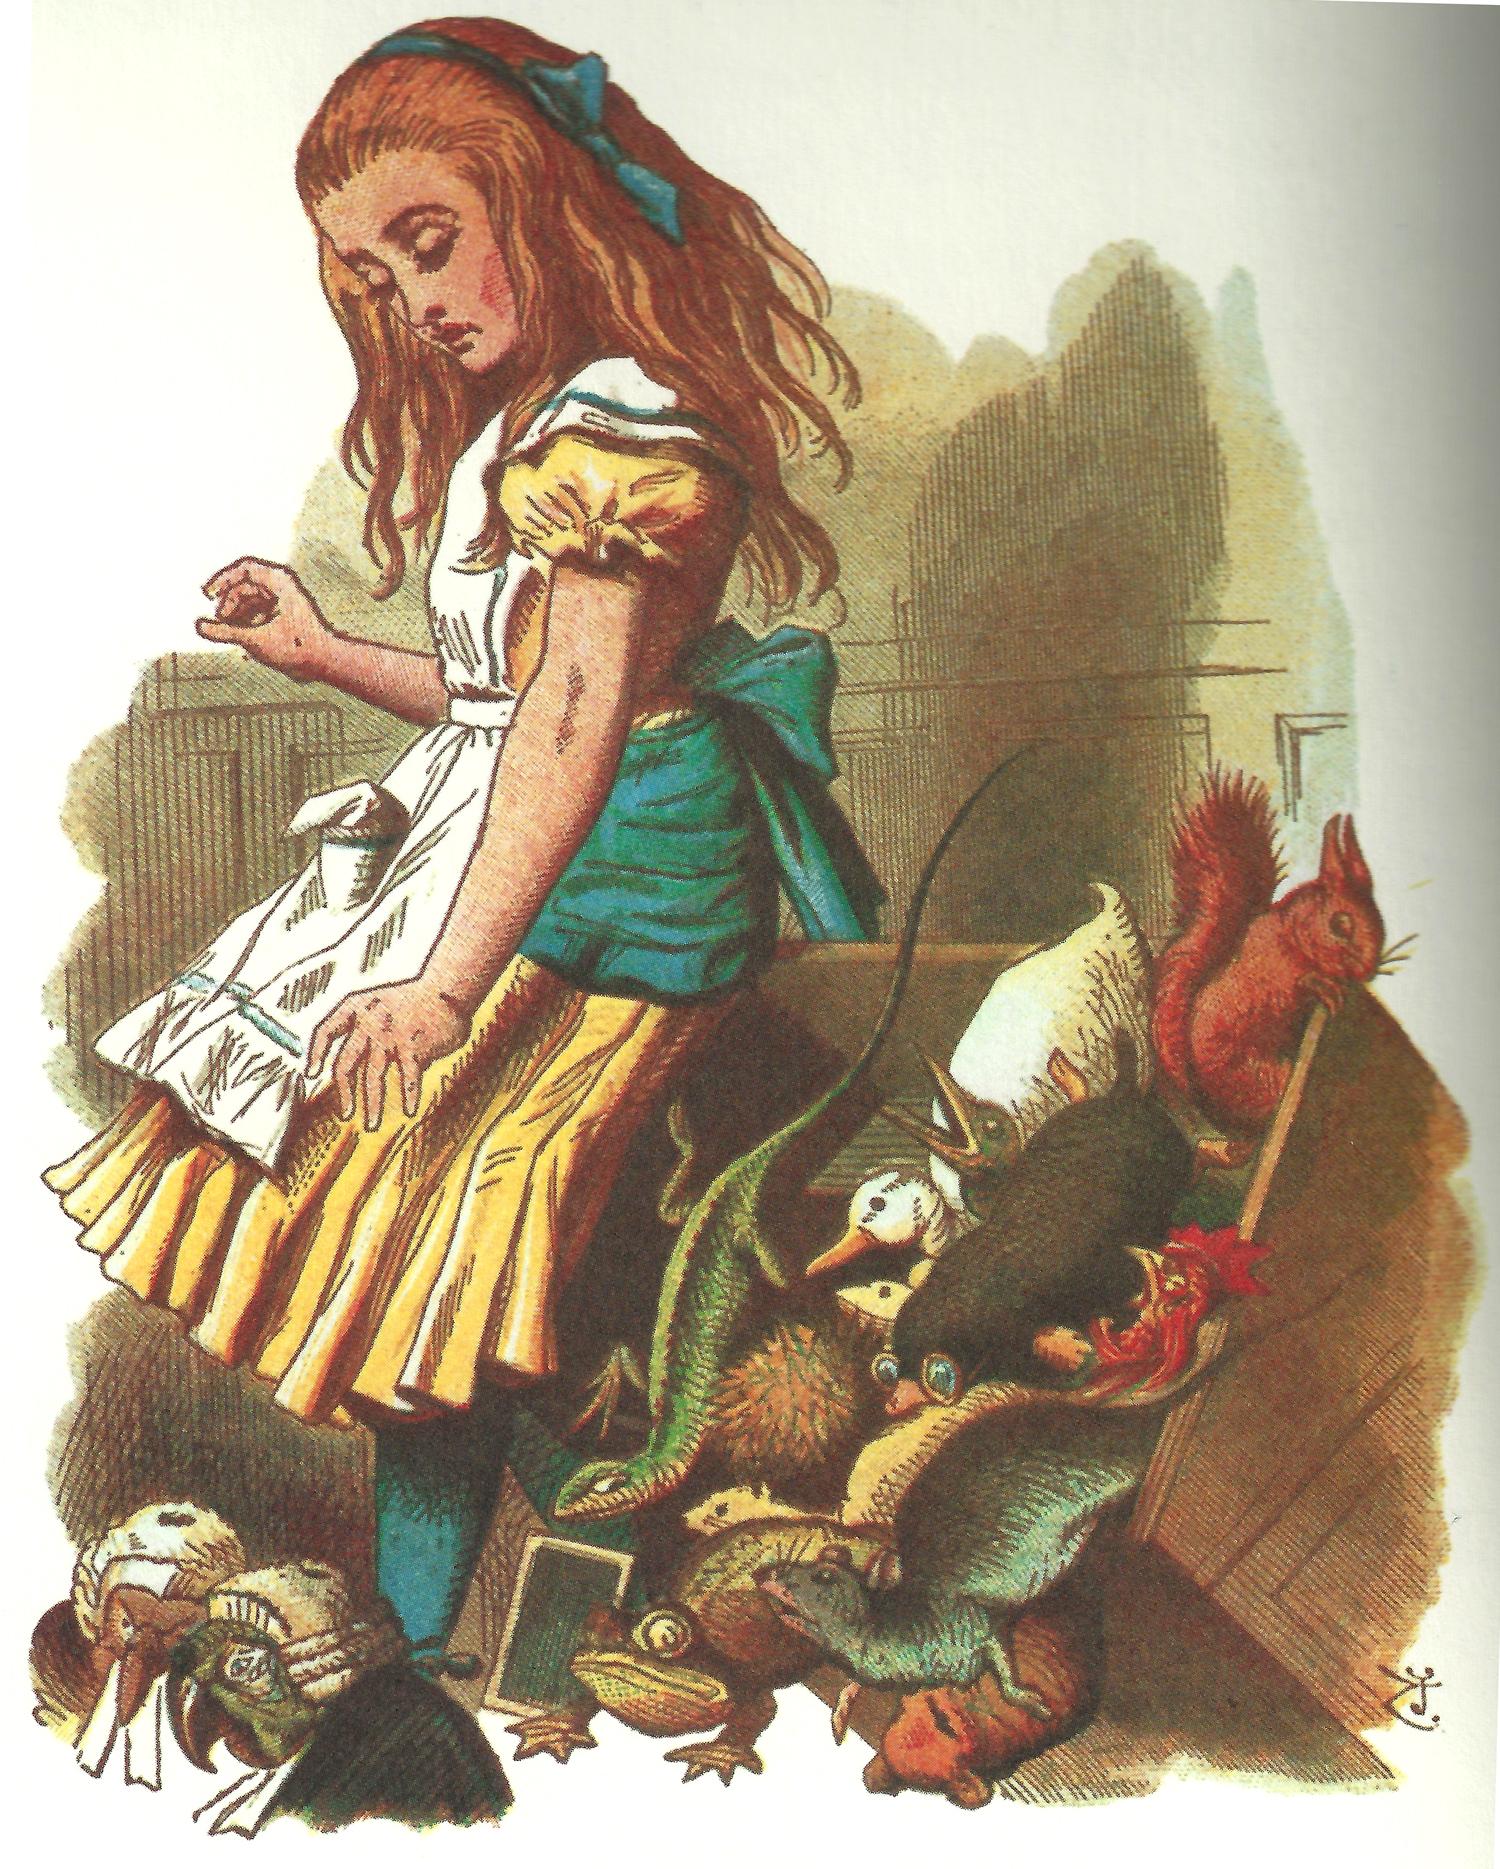 Alice upsetting the juror box, colored